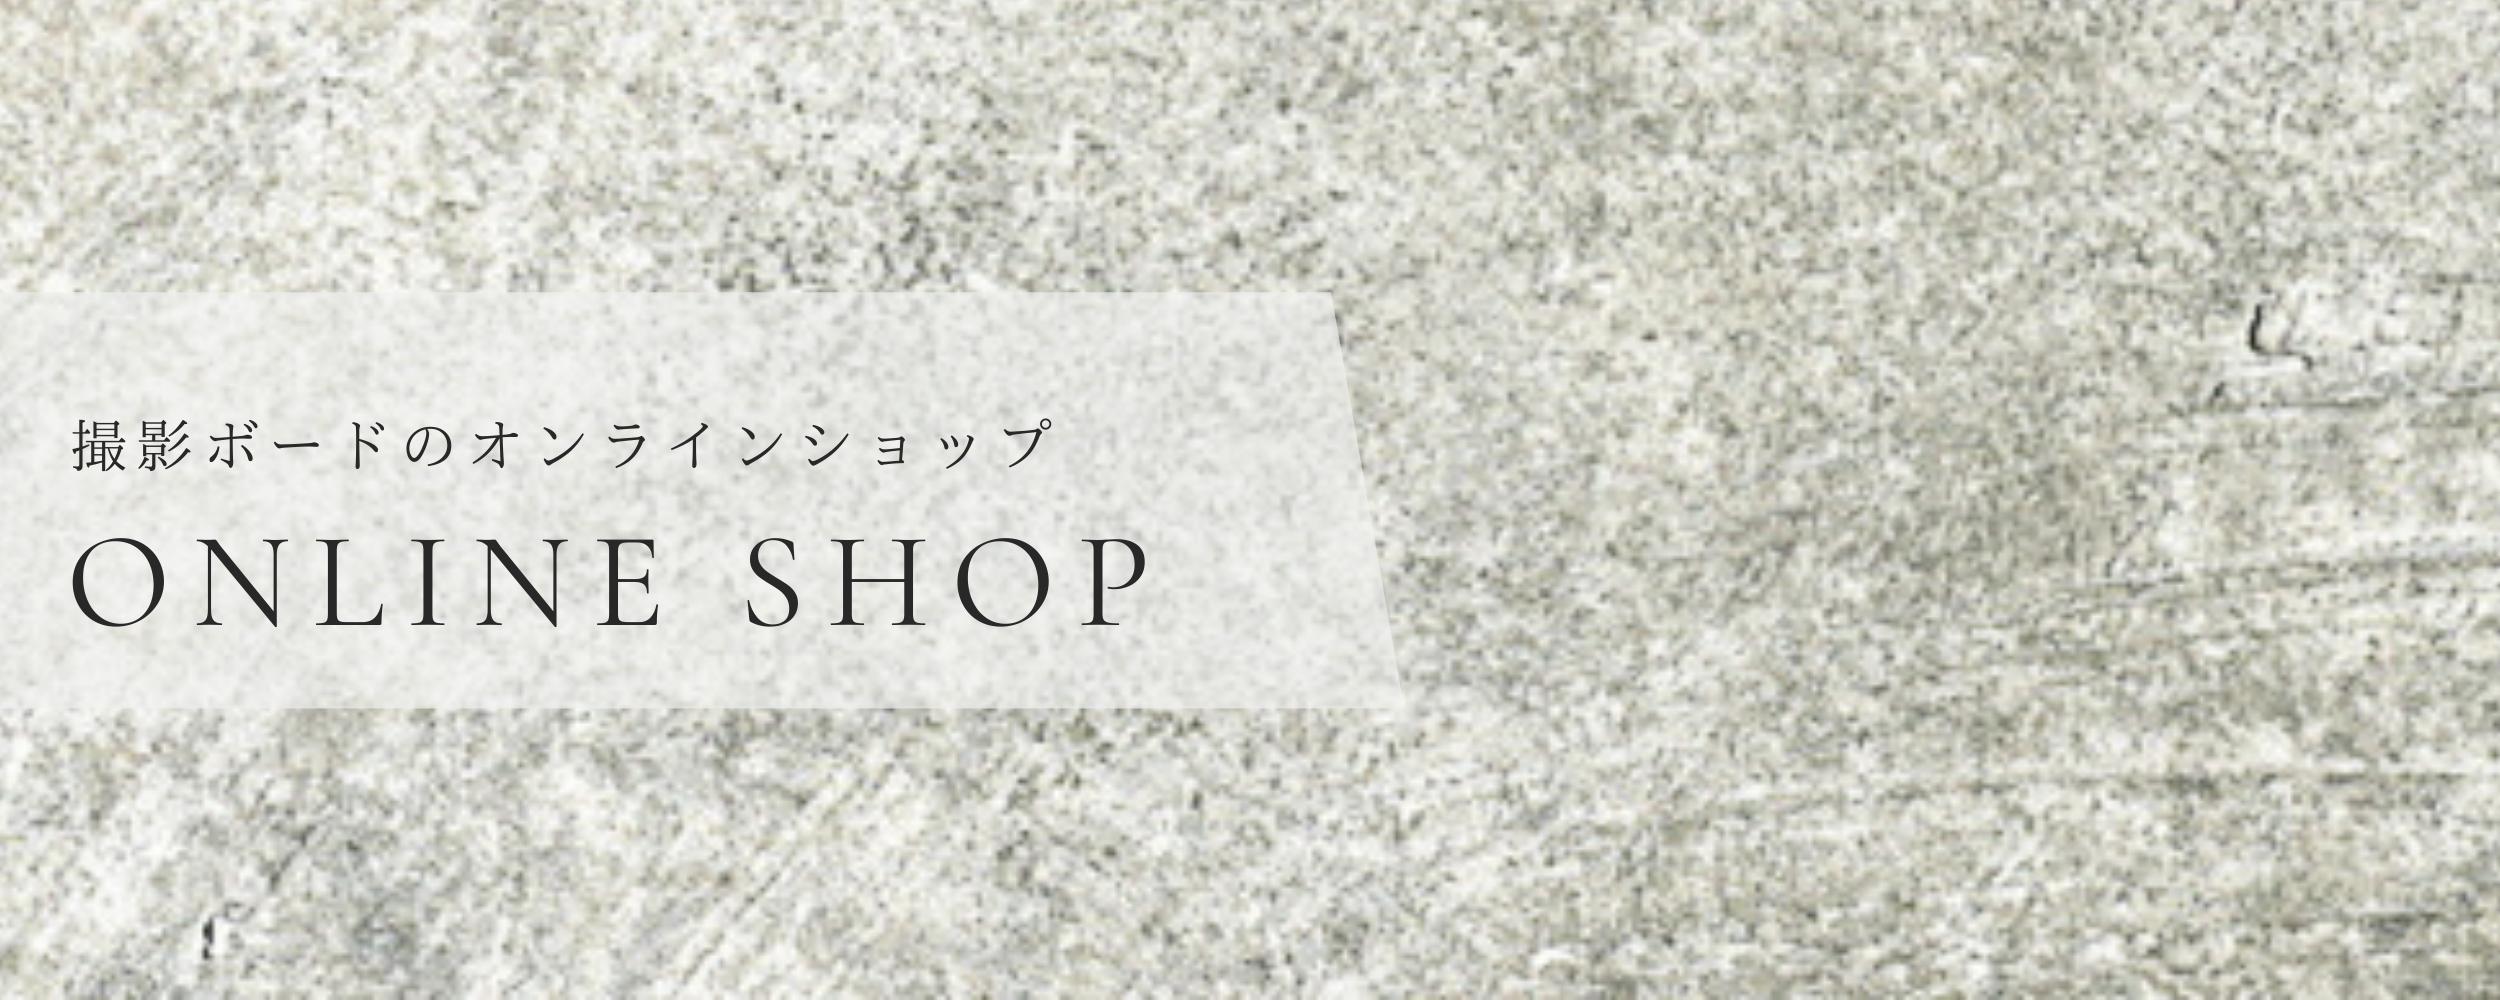 撮影用の背景、天板の通販大阪